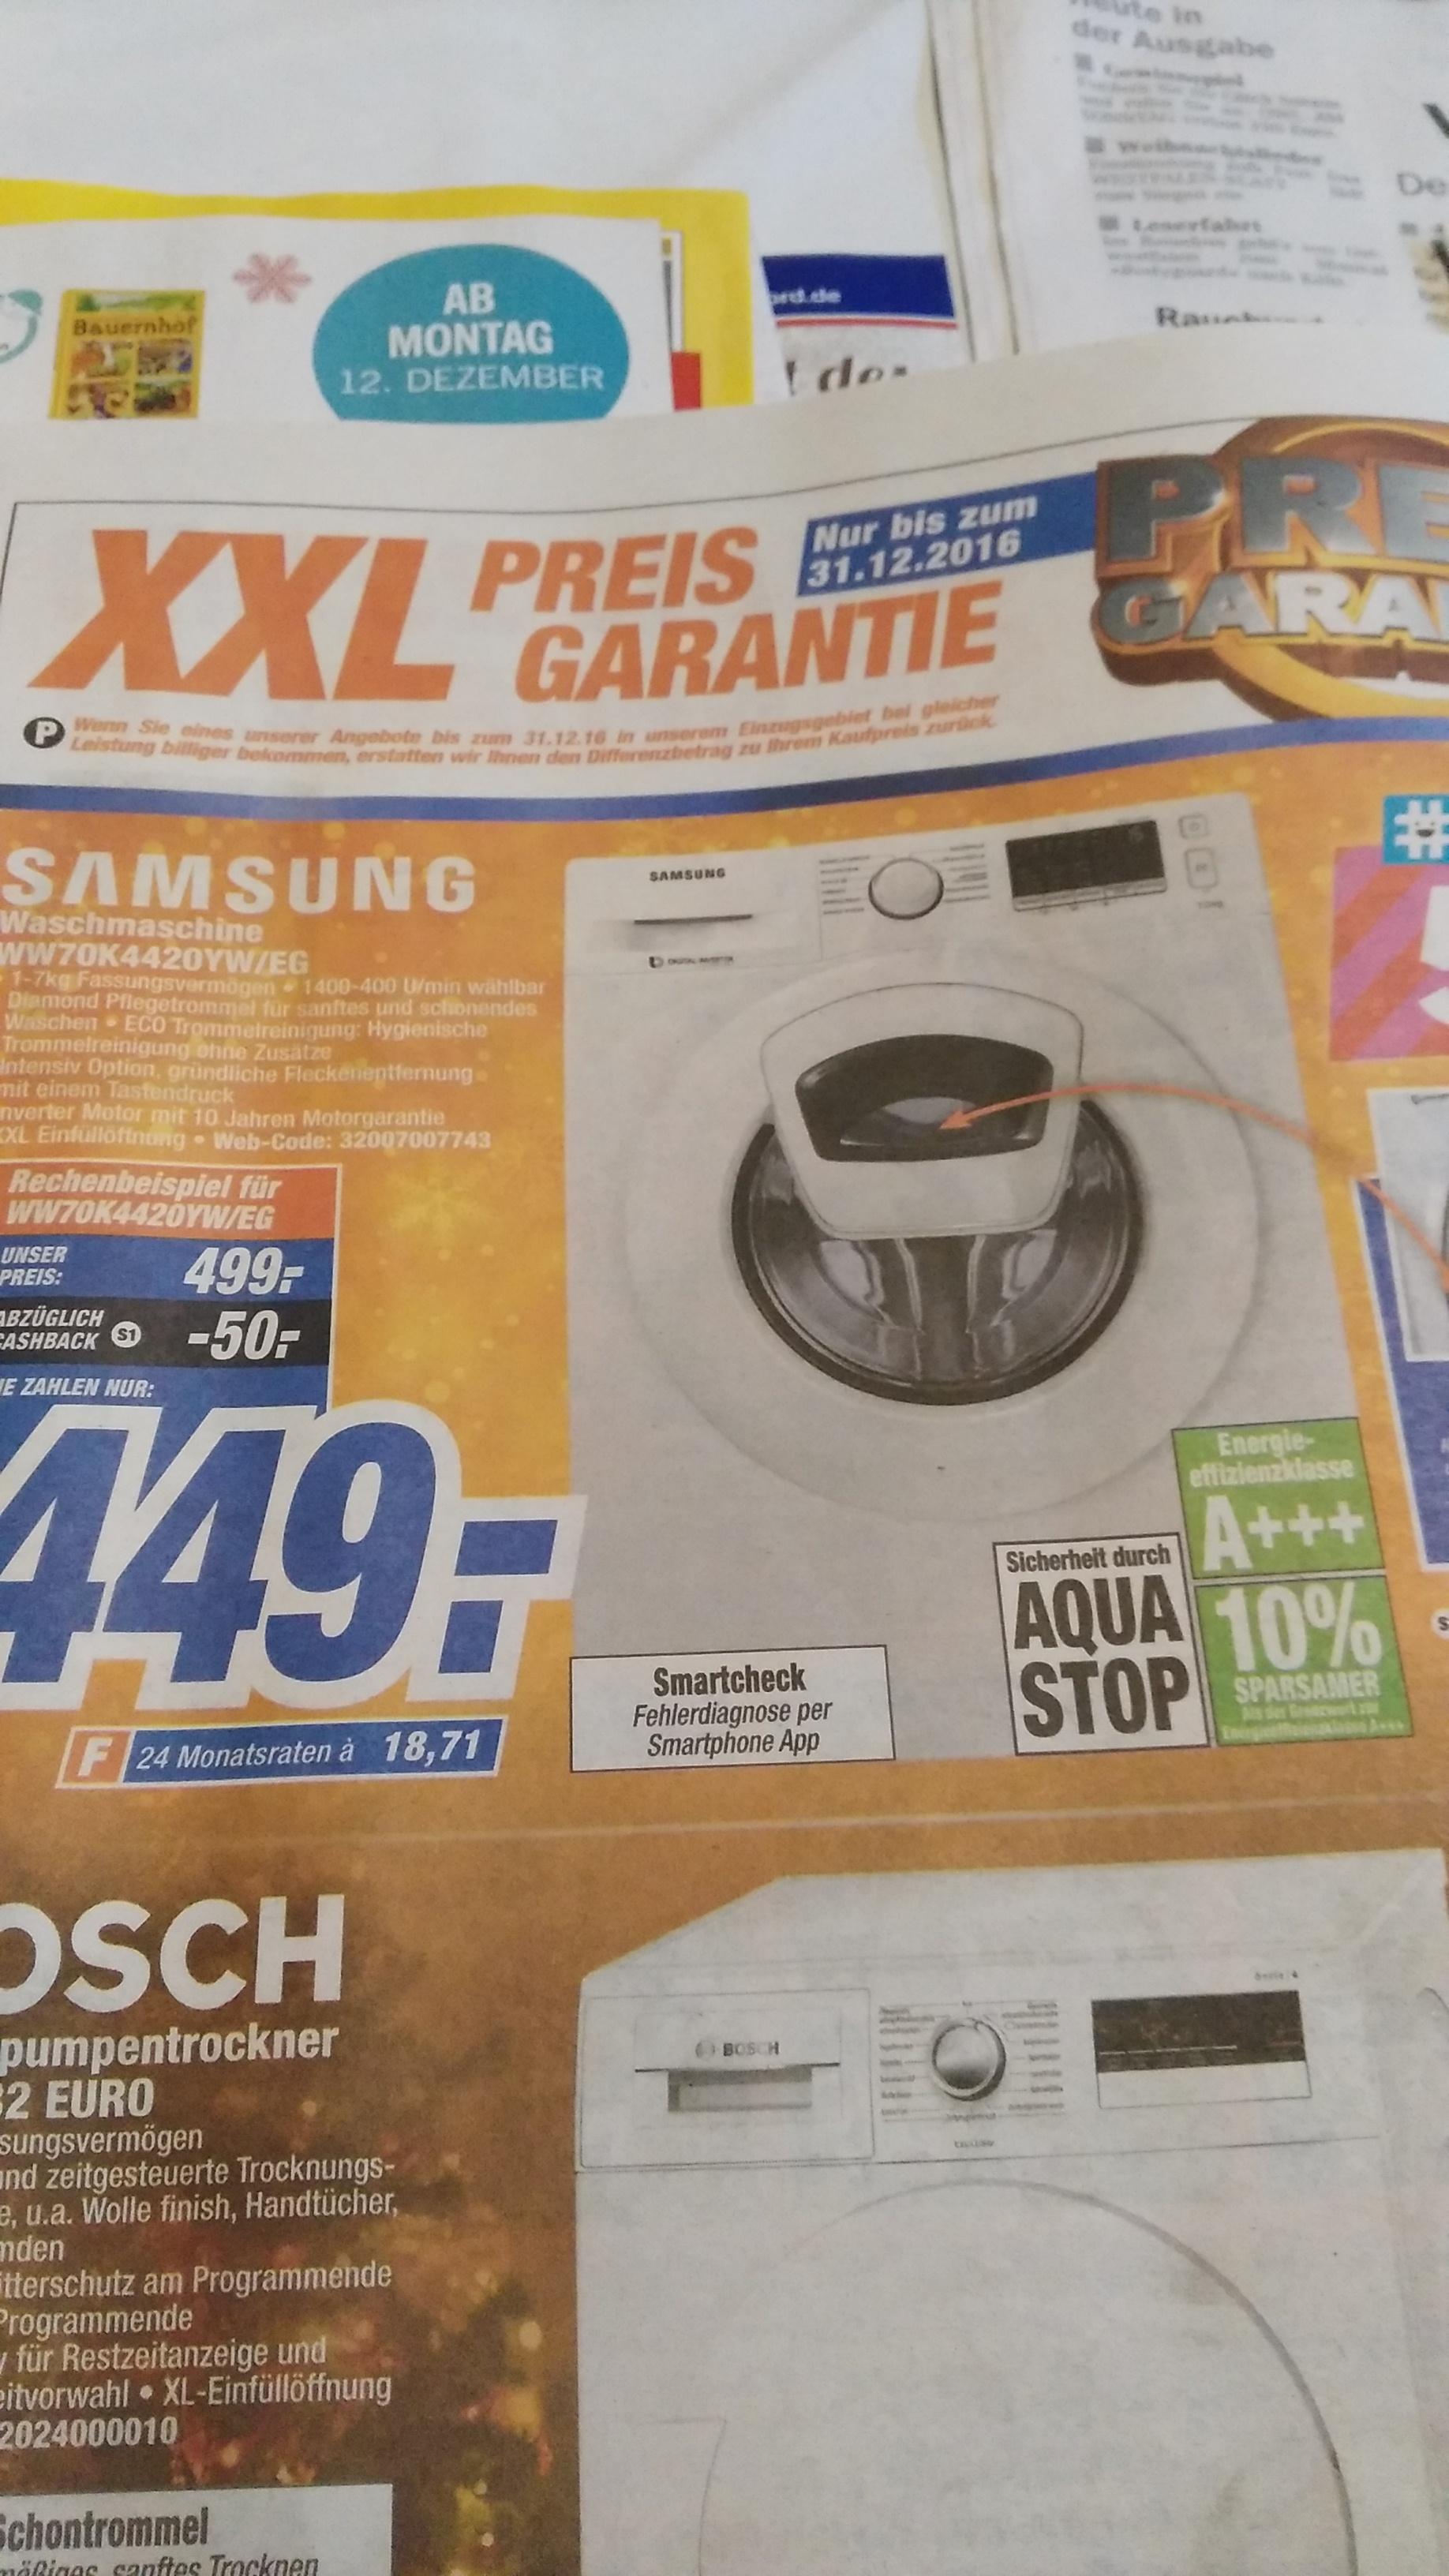 Samsung Waschmaschine  ww70k4420yw/eg